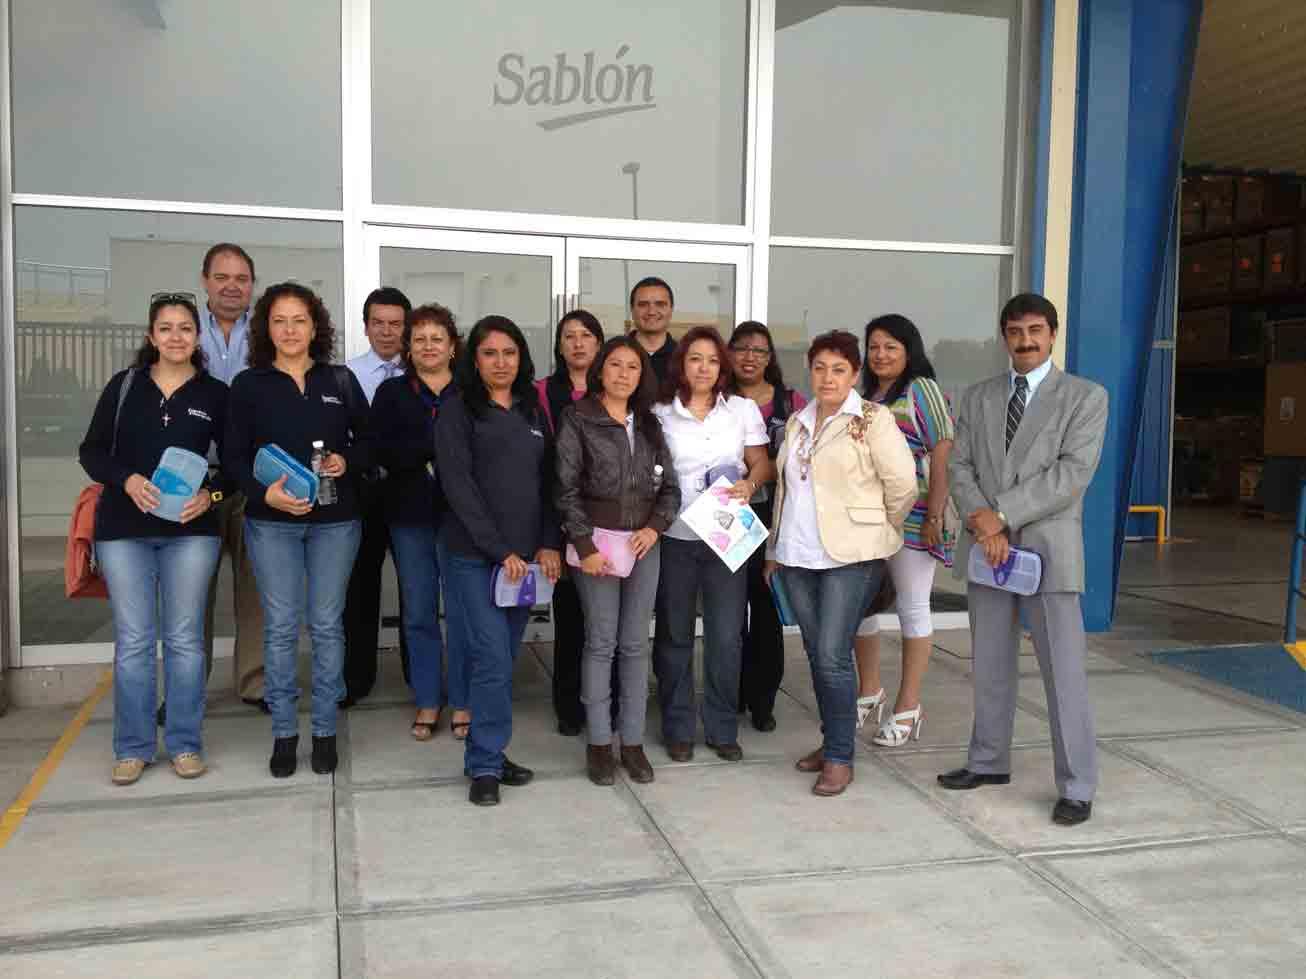 Visita de Papelera Principado a Sablon